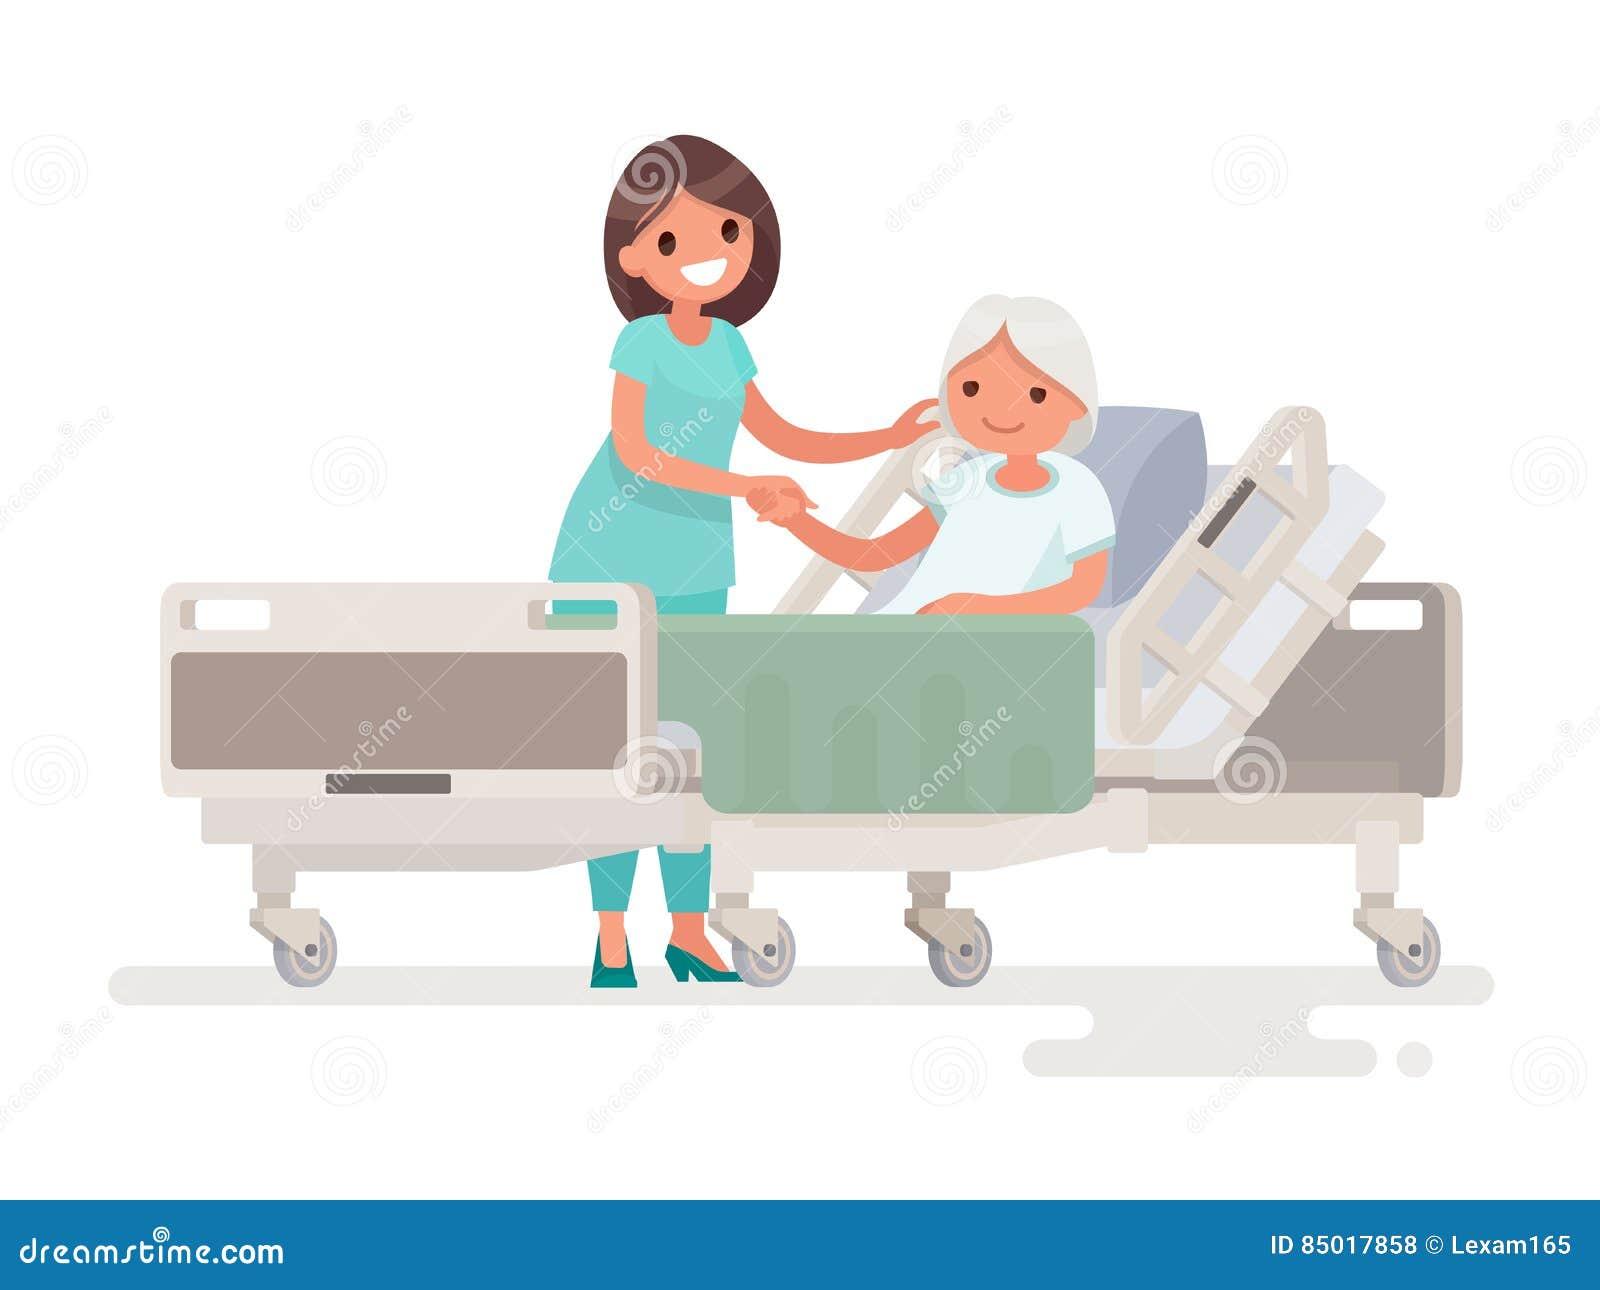 患者的住院治疗 护士照料病的el